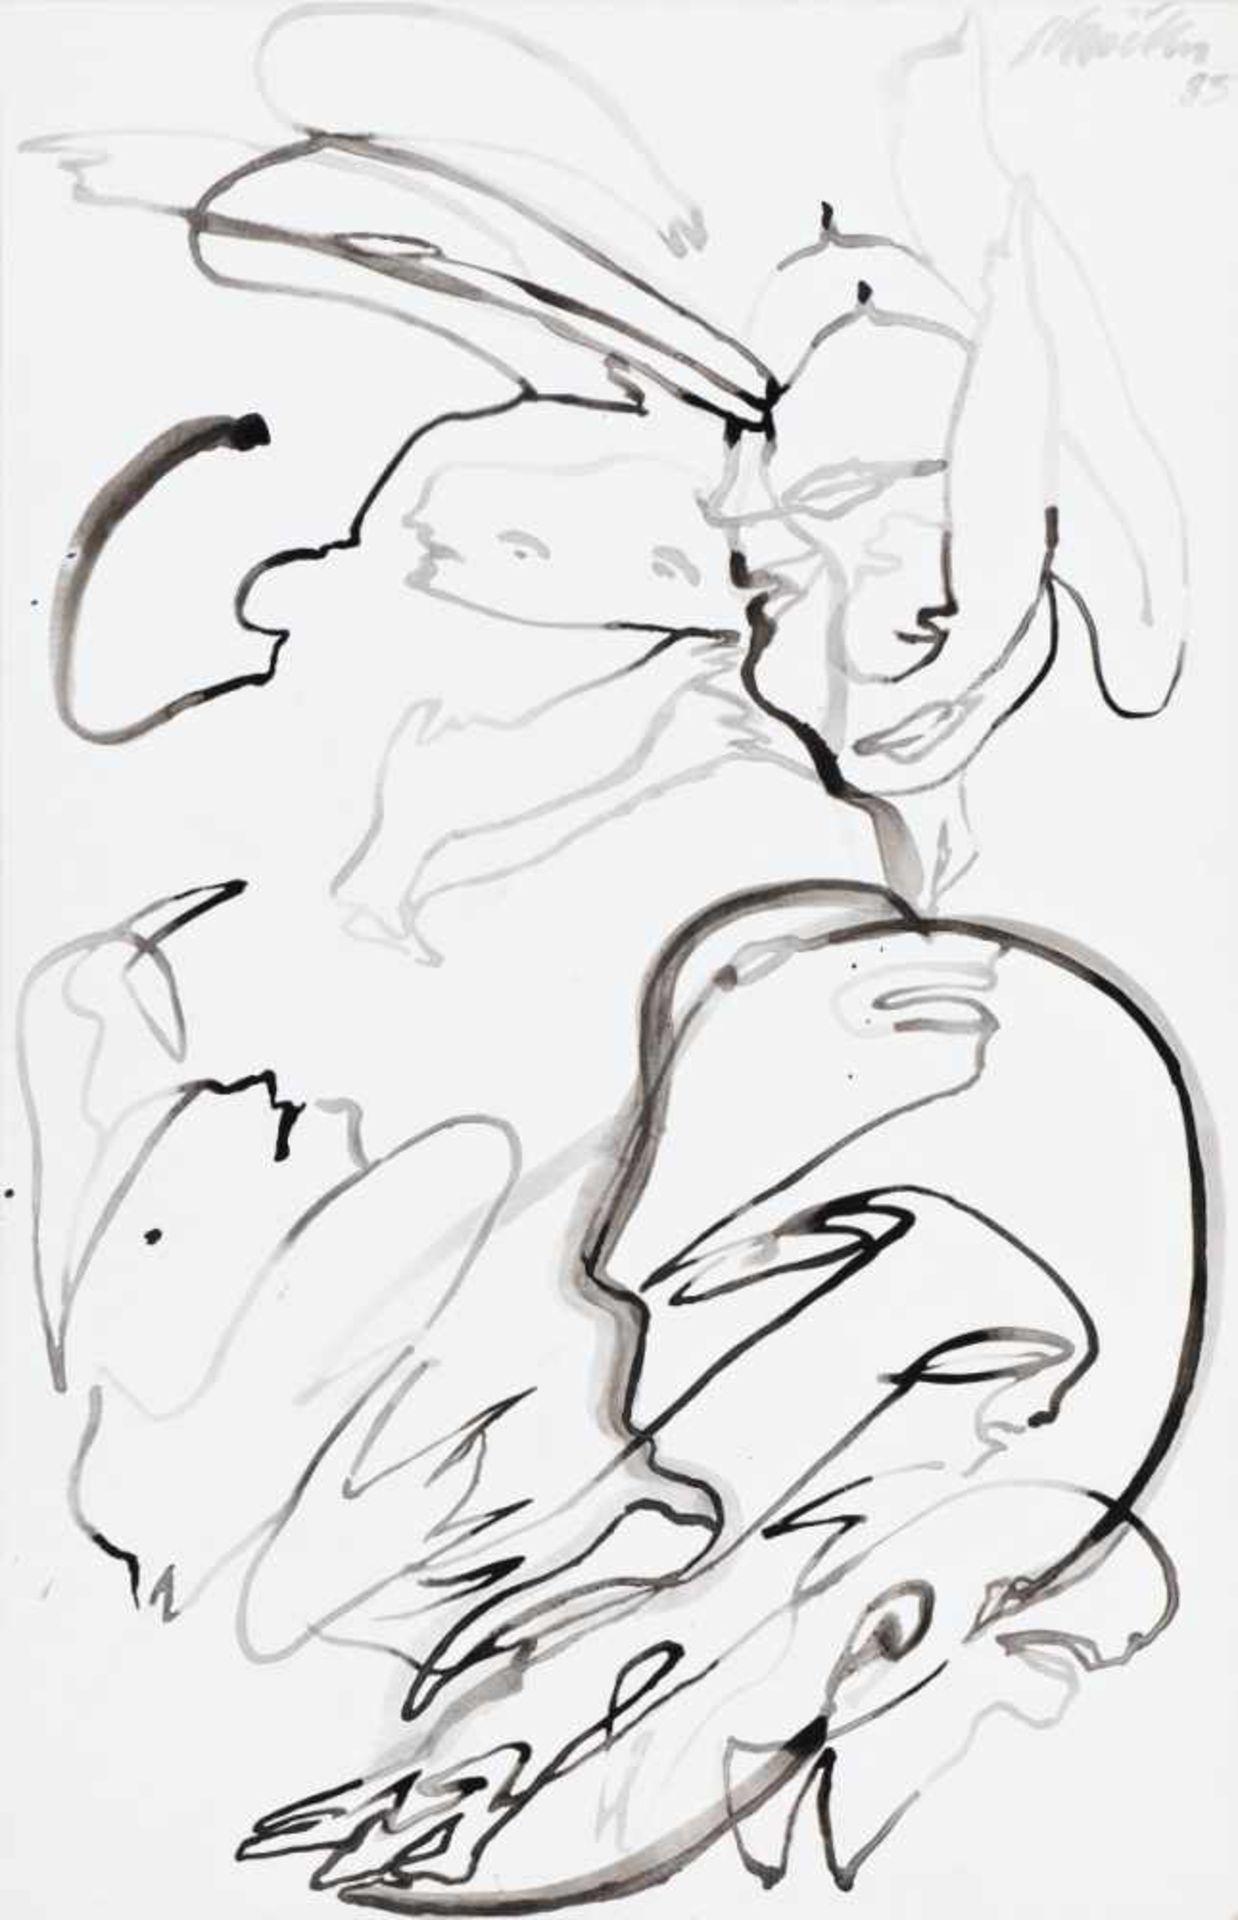 ERNST SKRICKA(1946 WIEN)o. T., 1985Tusche, Tusche gewässert auf Zeichenkarton, 100 x 65